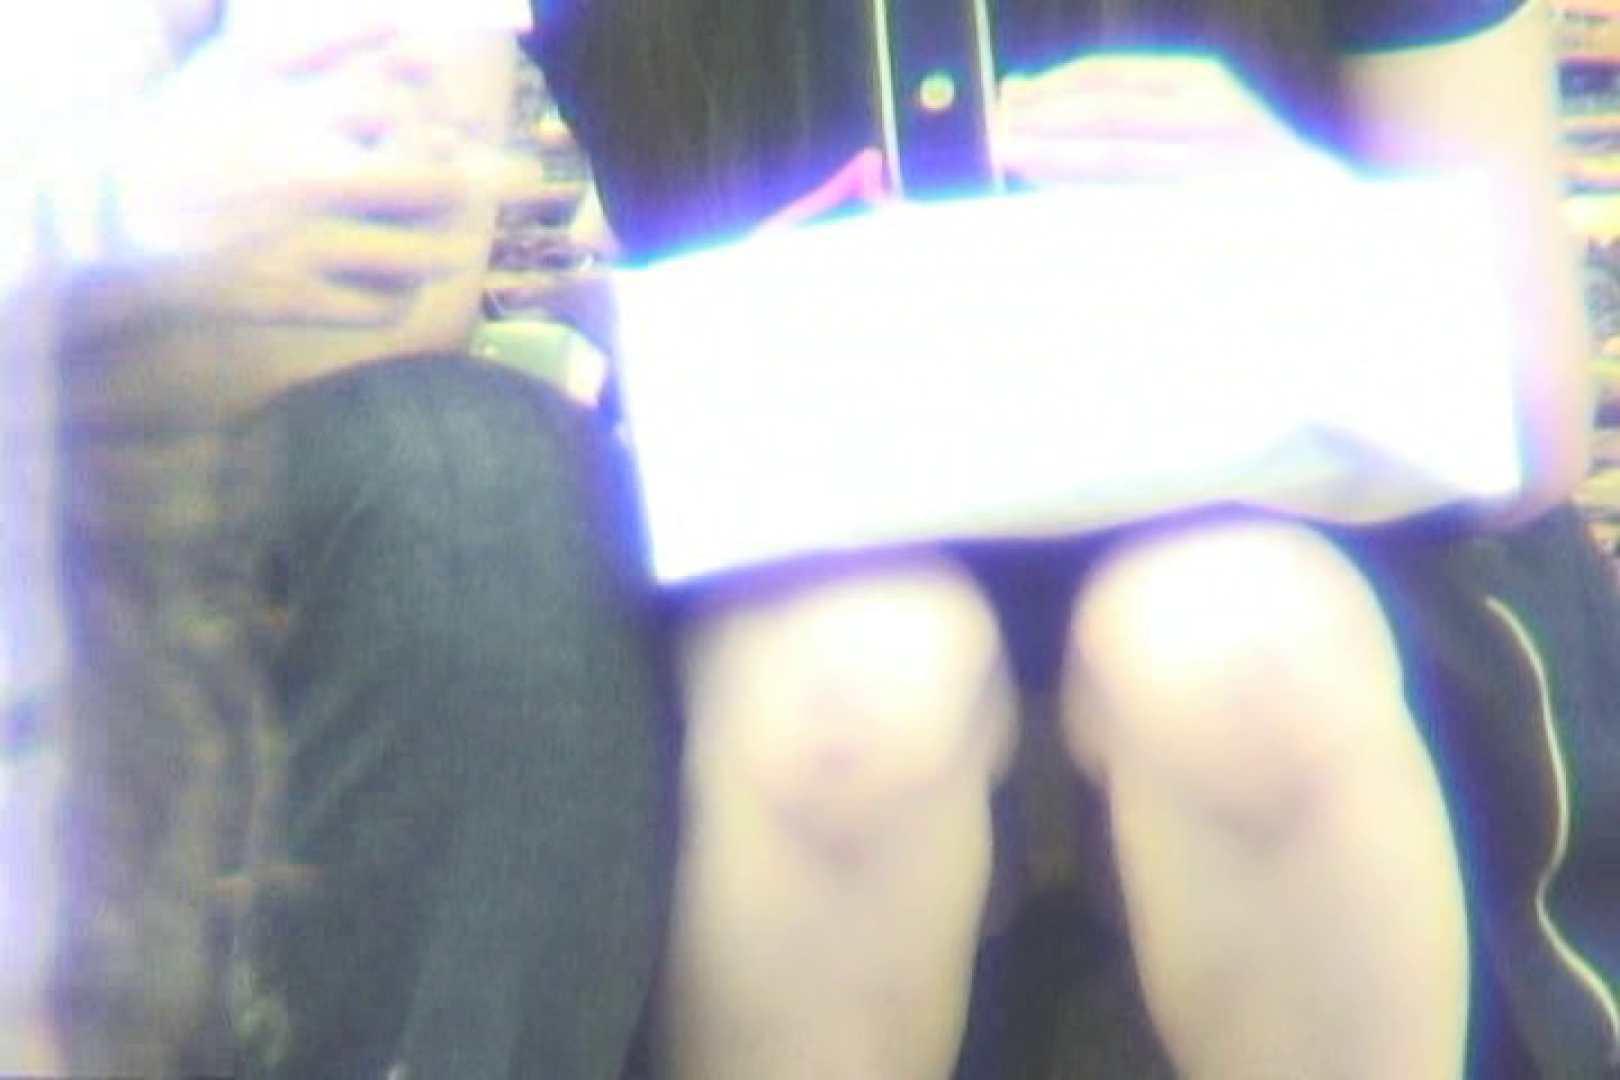 超最新版!春夏秋冬 vol.04 パンティ オマンコ動画キャプチャ 98pic 33